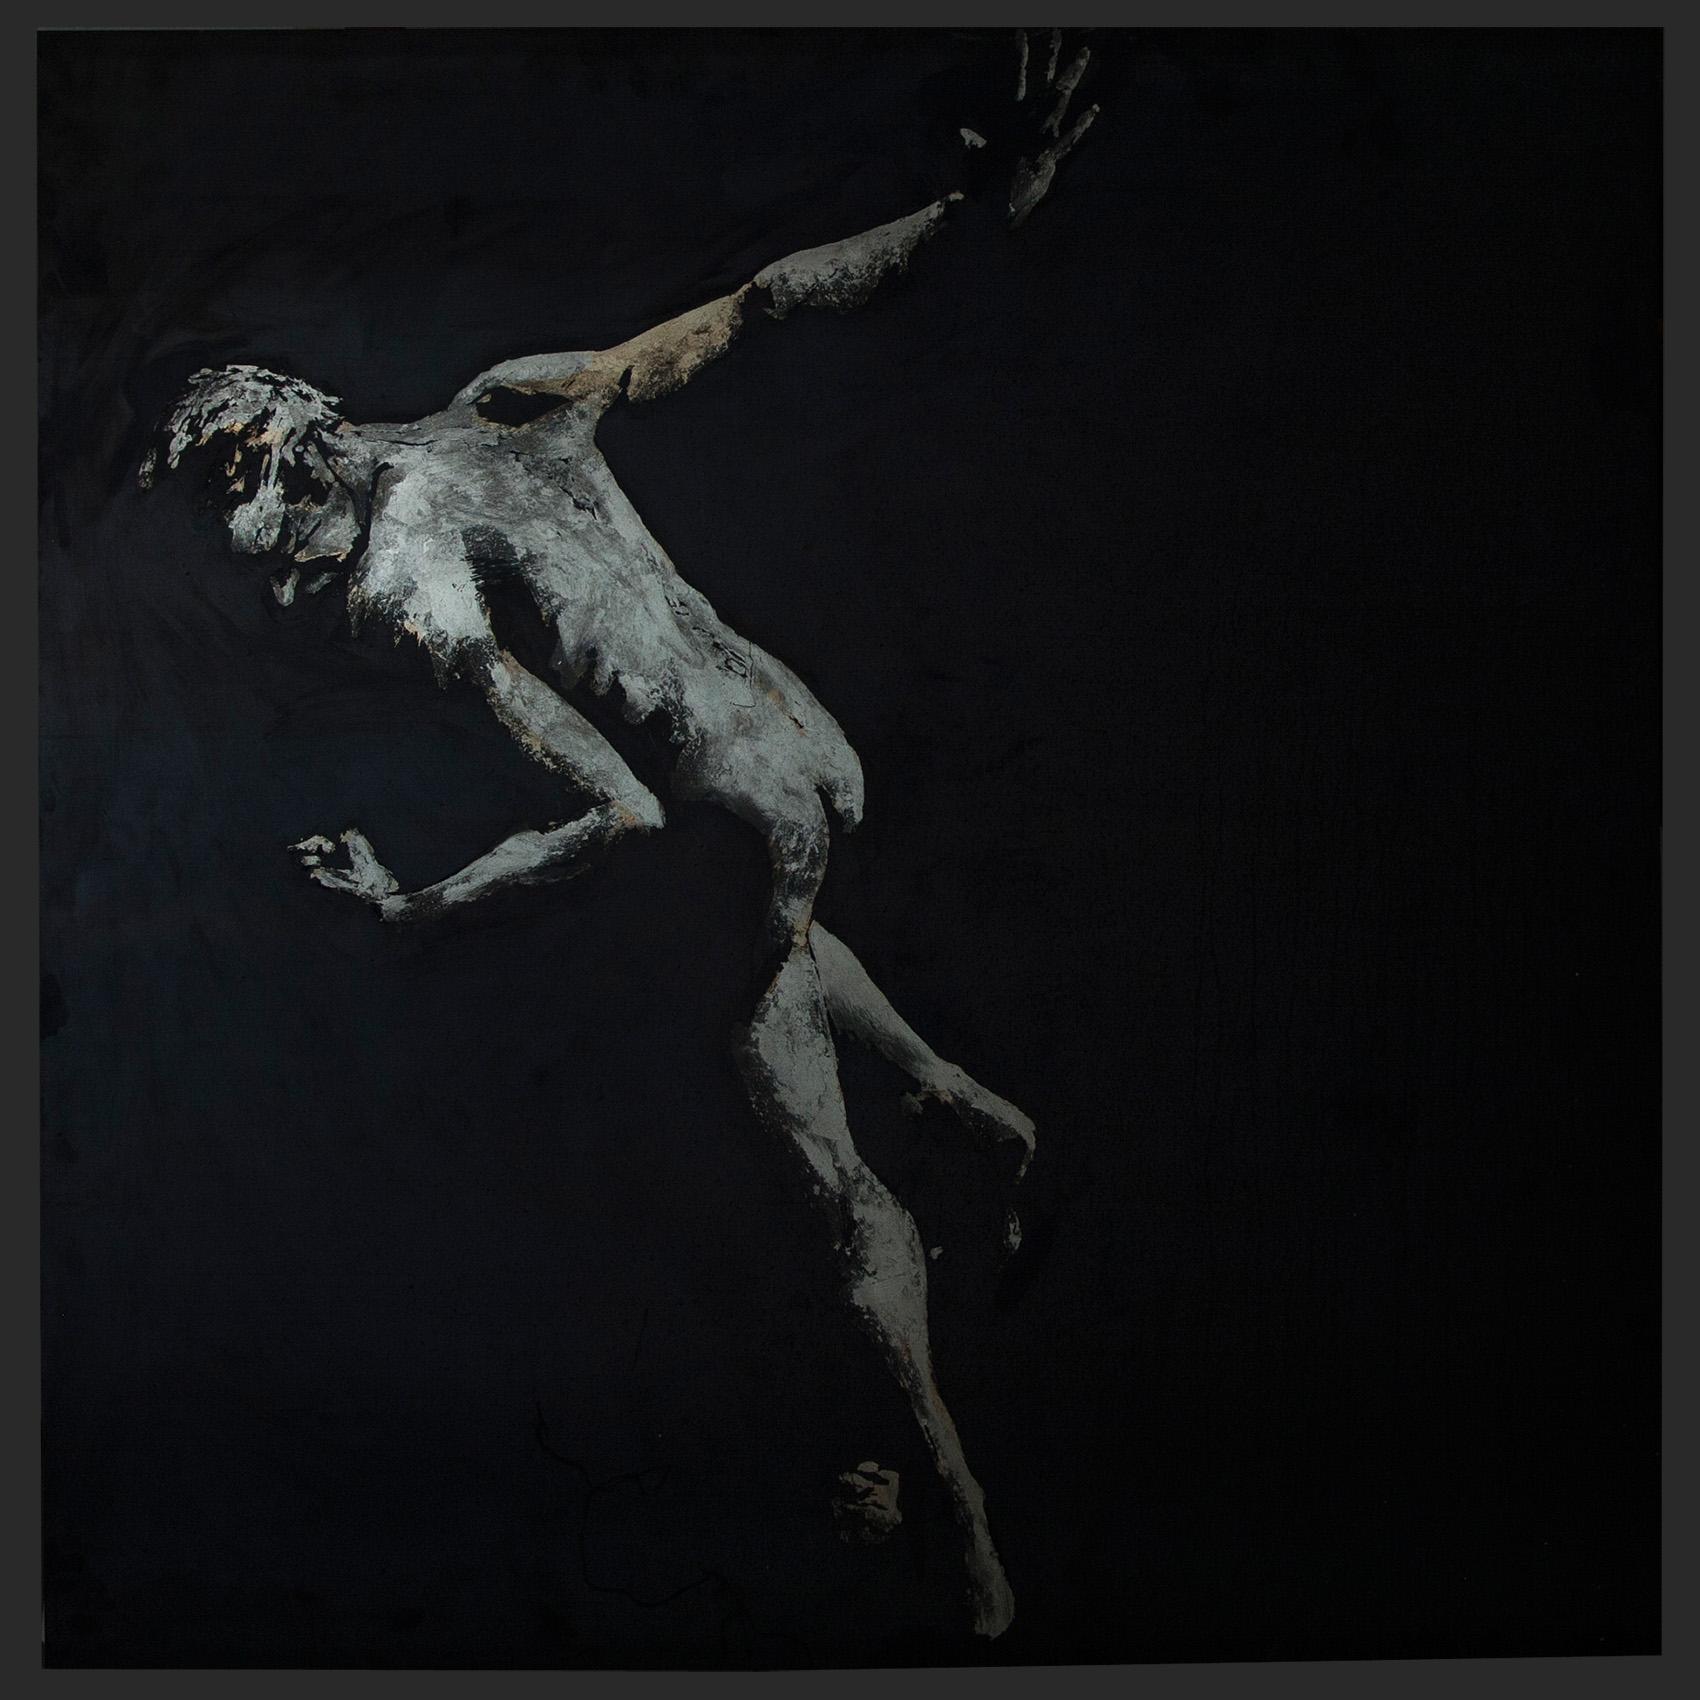 Living Art - Matthew Broussard - Despite